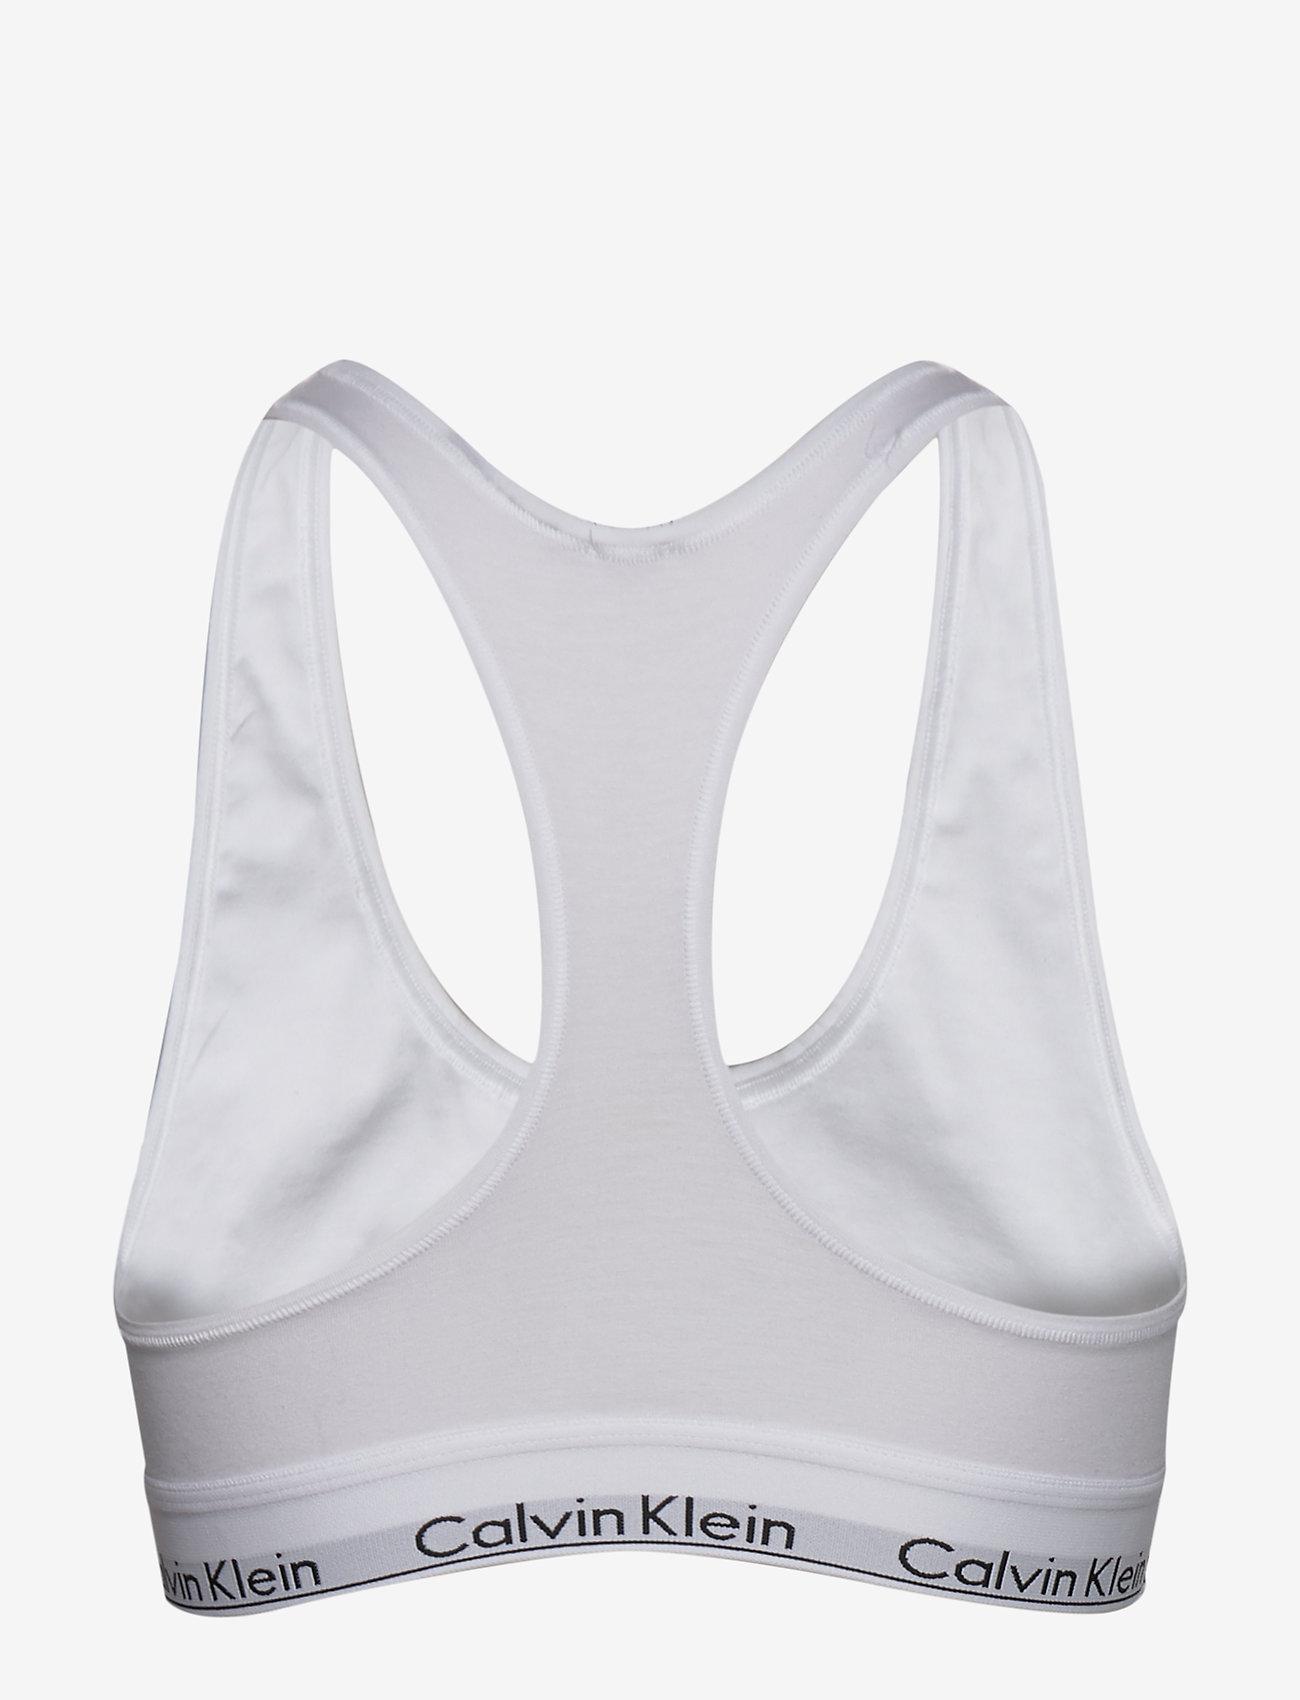 Calvin Klein - BRALETTE - bra without wire - white